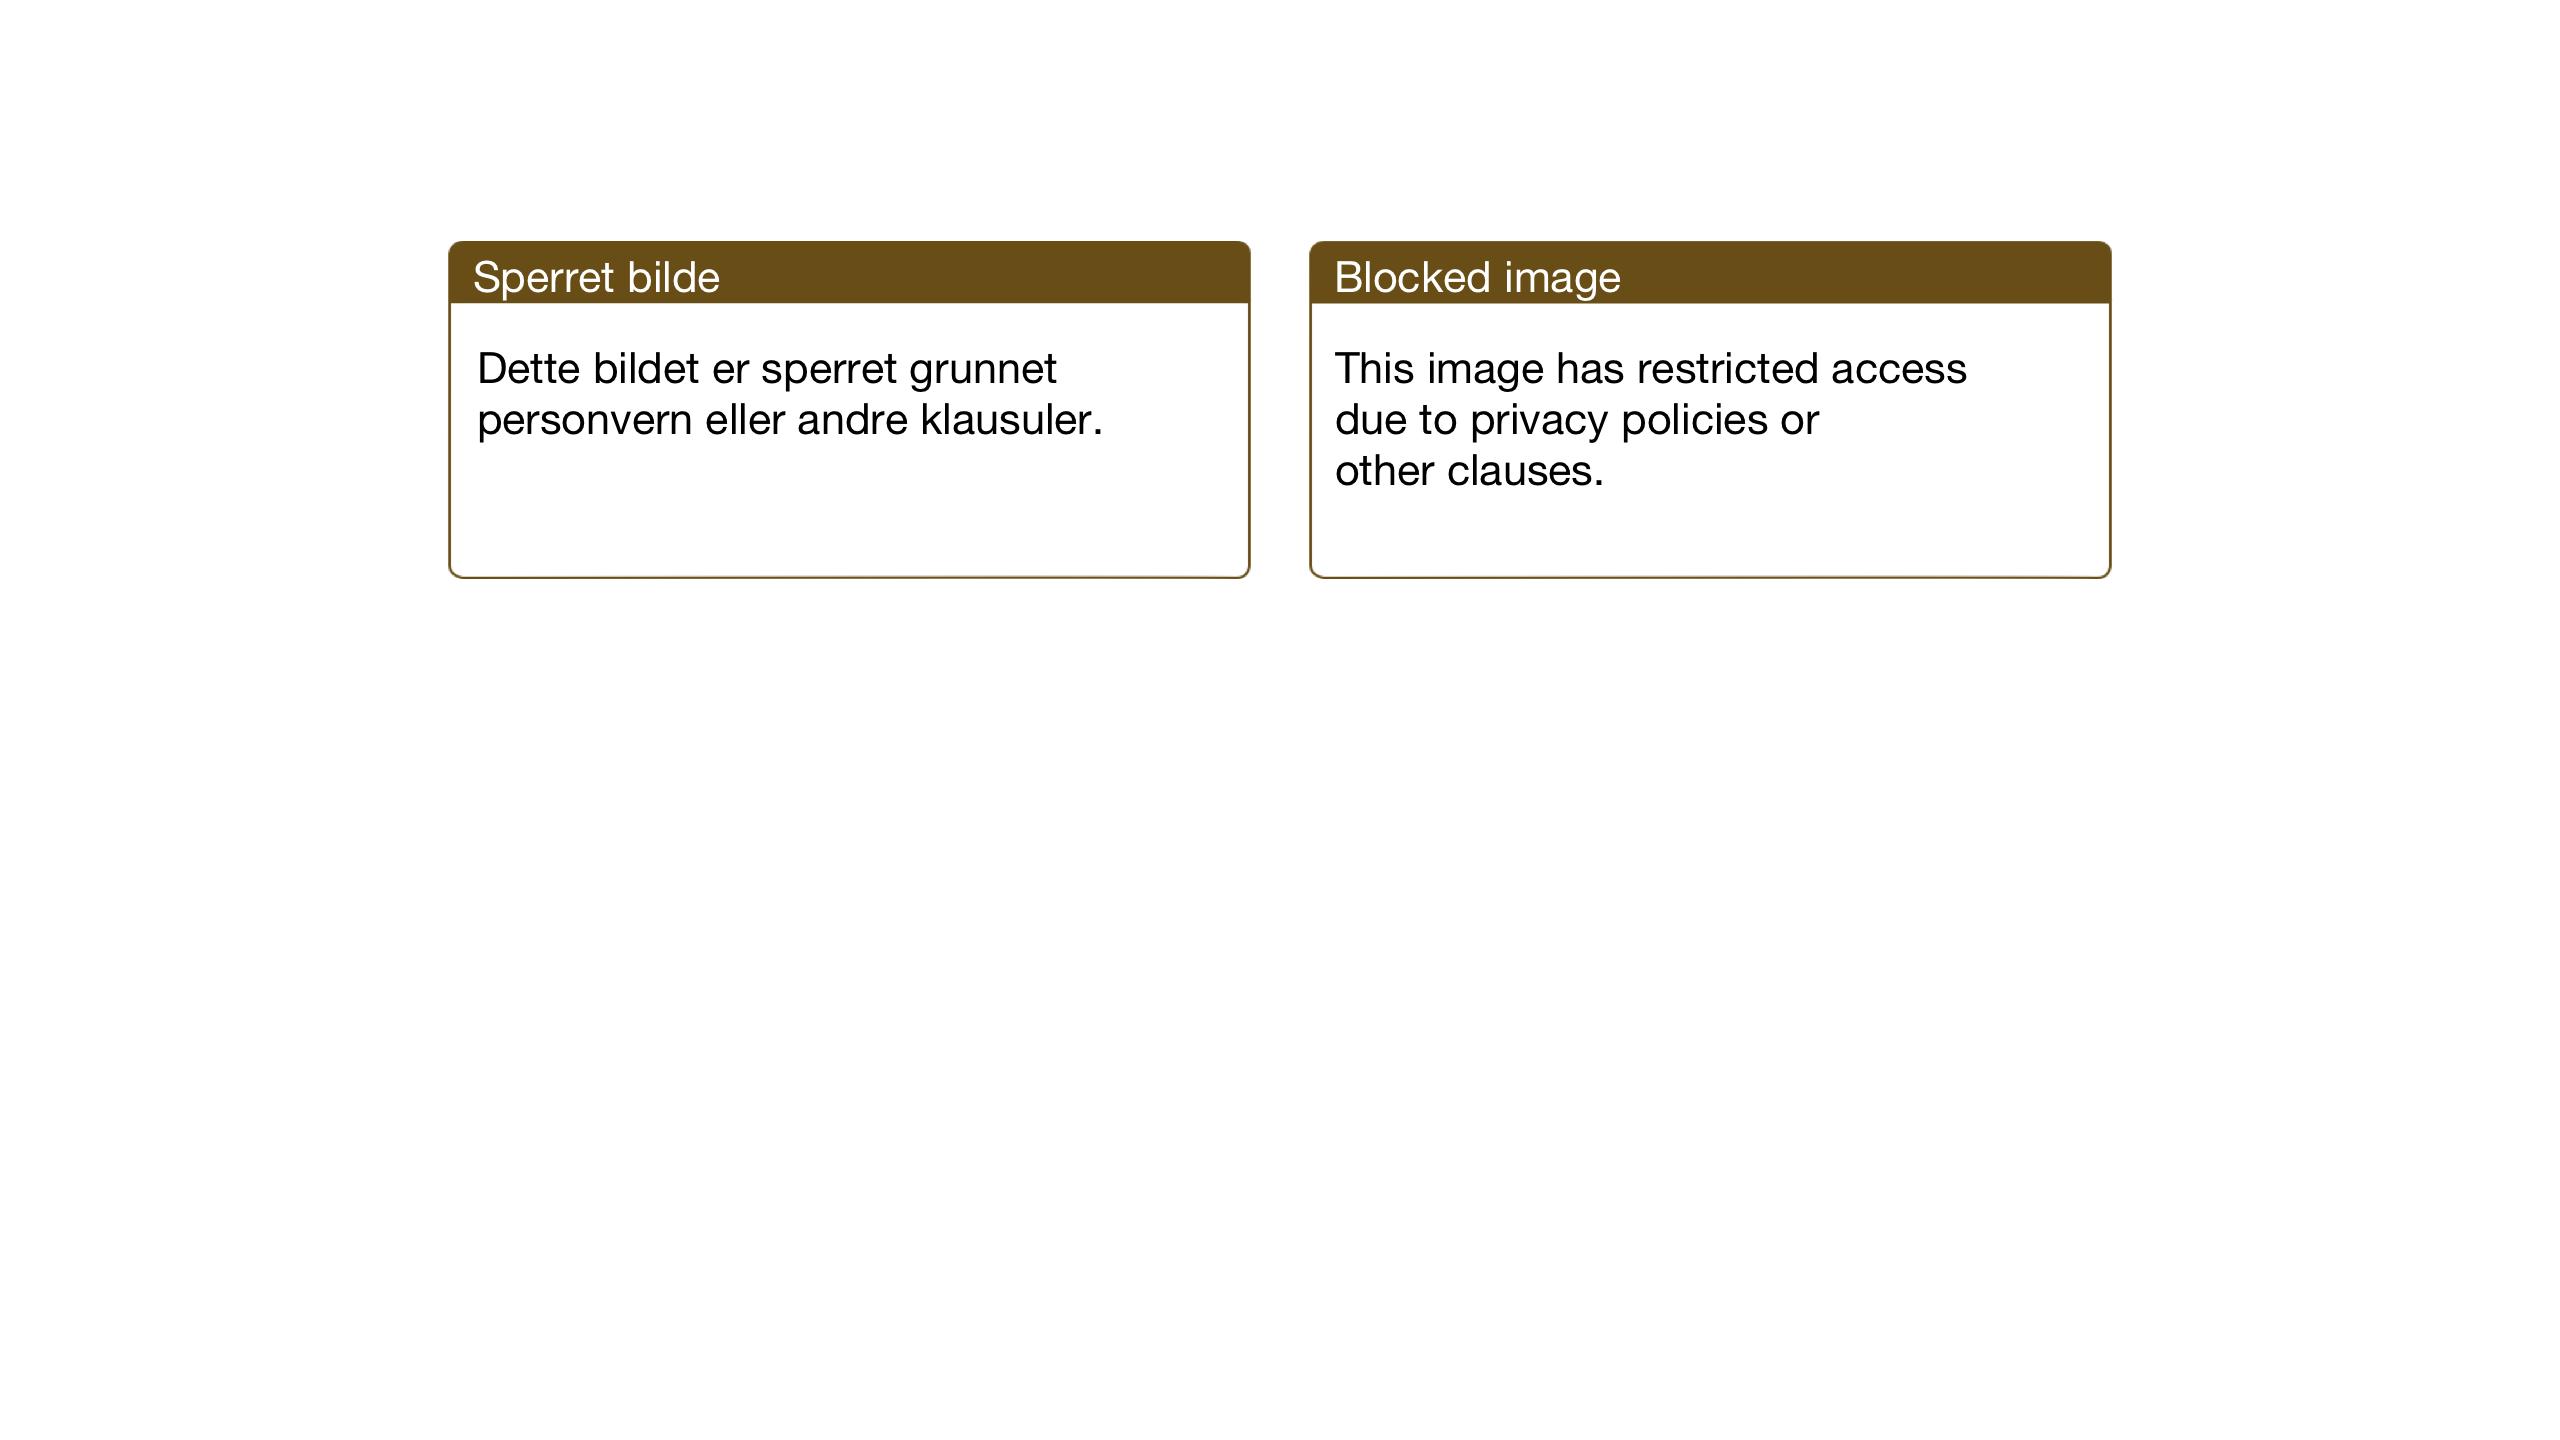 SAT, Ministerialprotokoller, klokkerbøker og fødselsregistre - Sør-Trøndelag, 637/L0564: Klokkerbok nr. 637C05, 1928-1968, s. 127